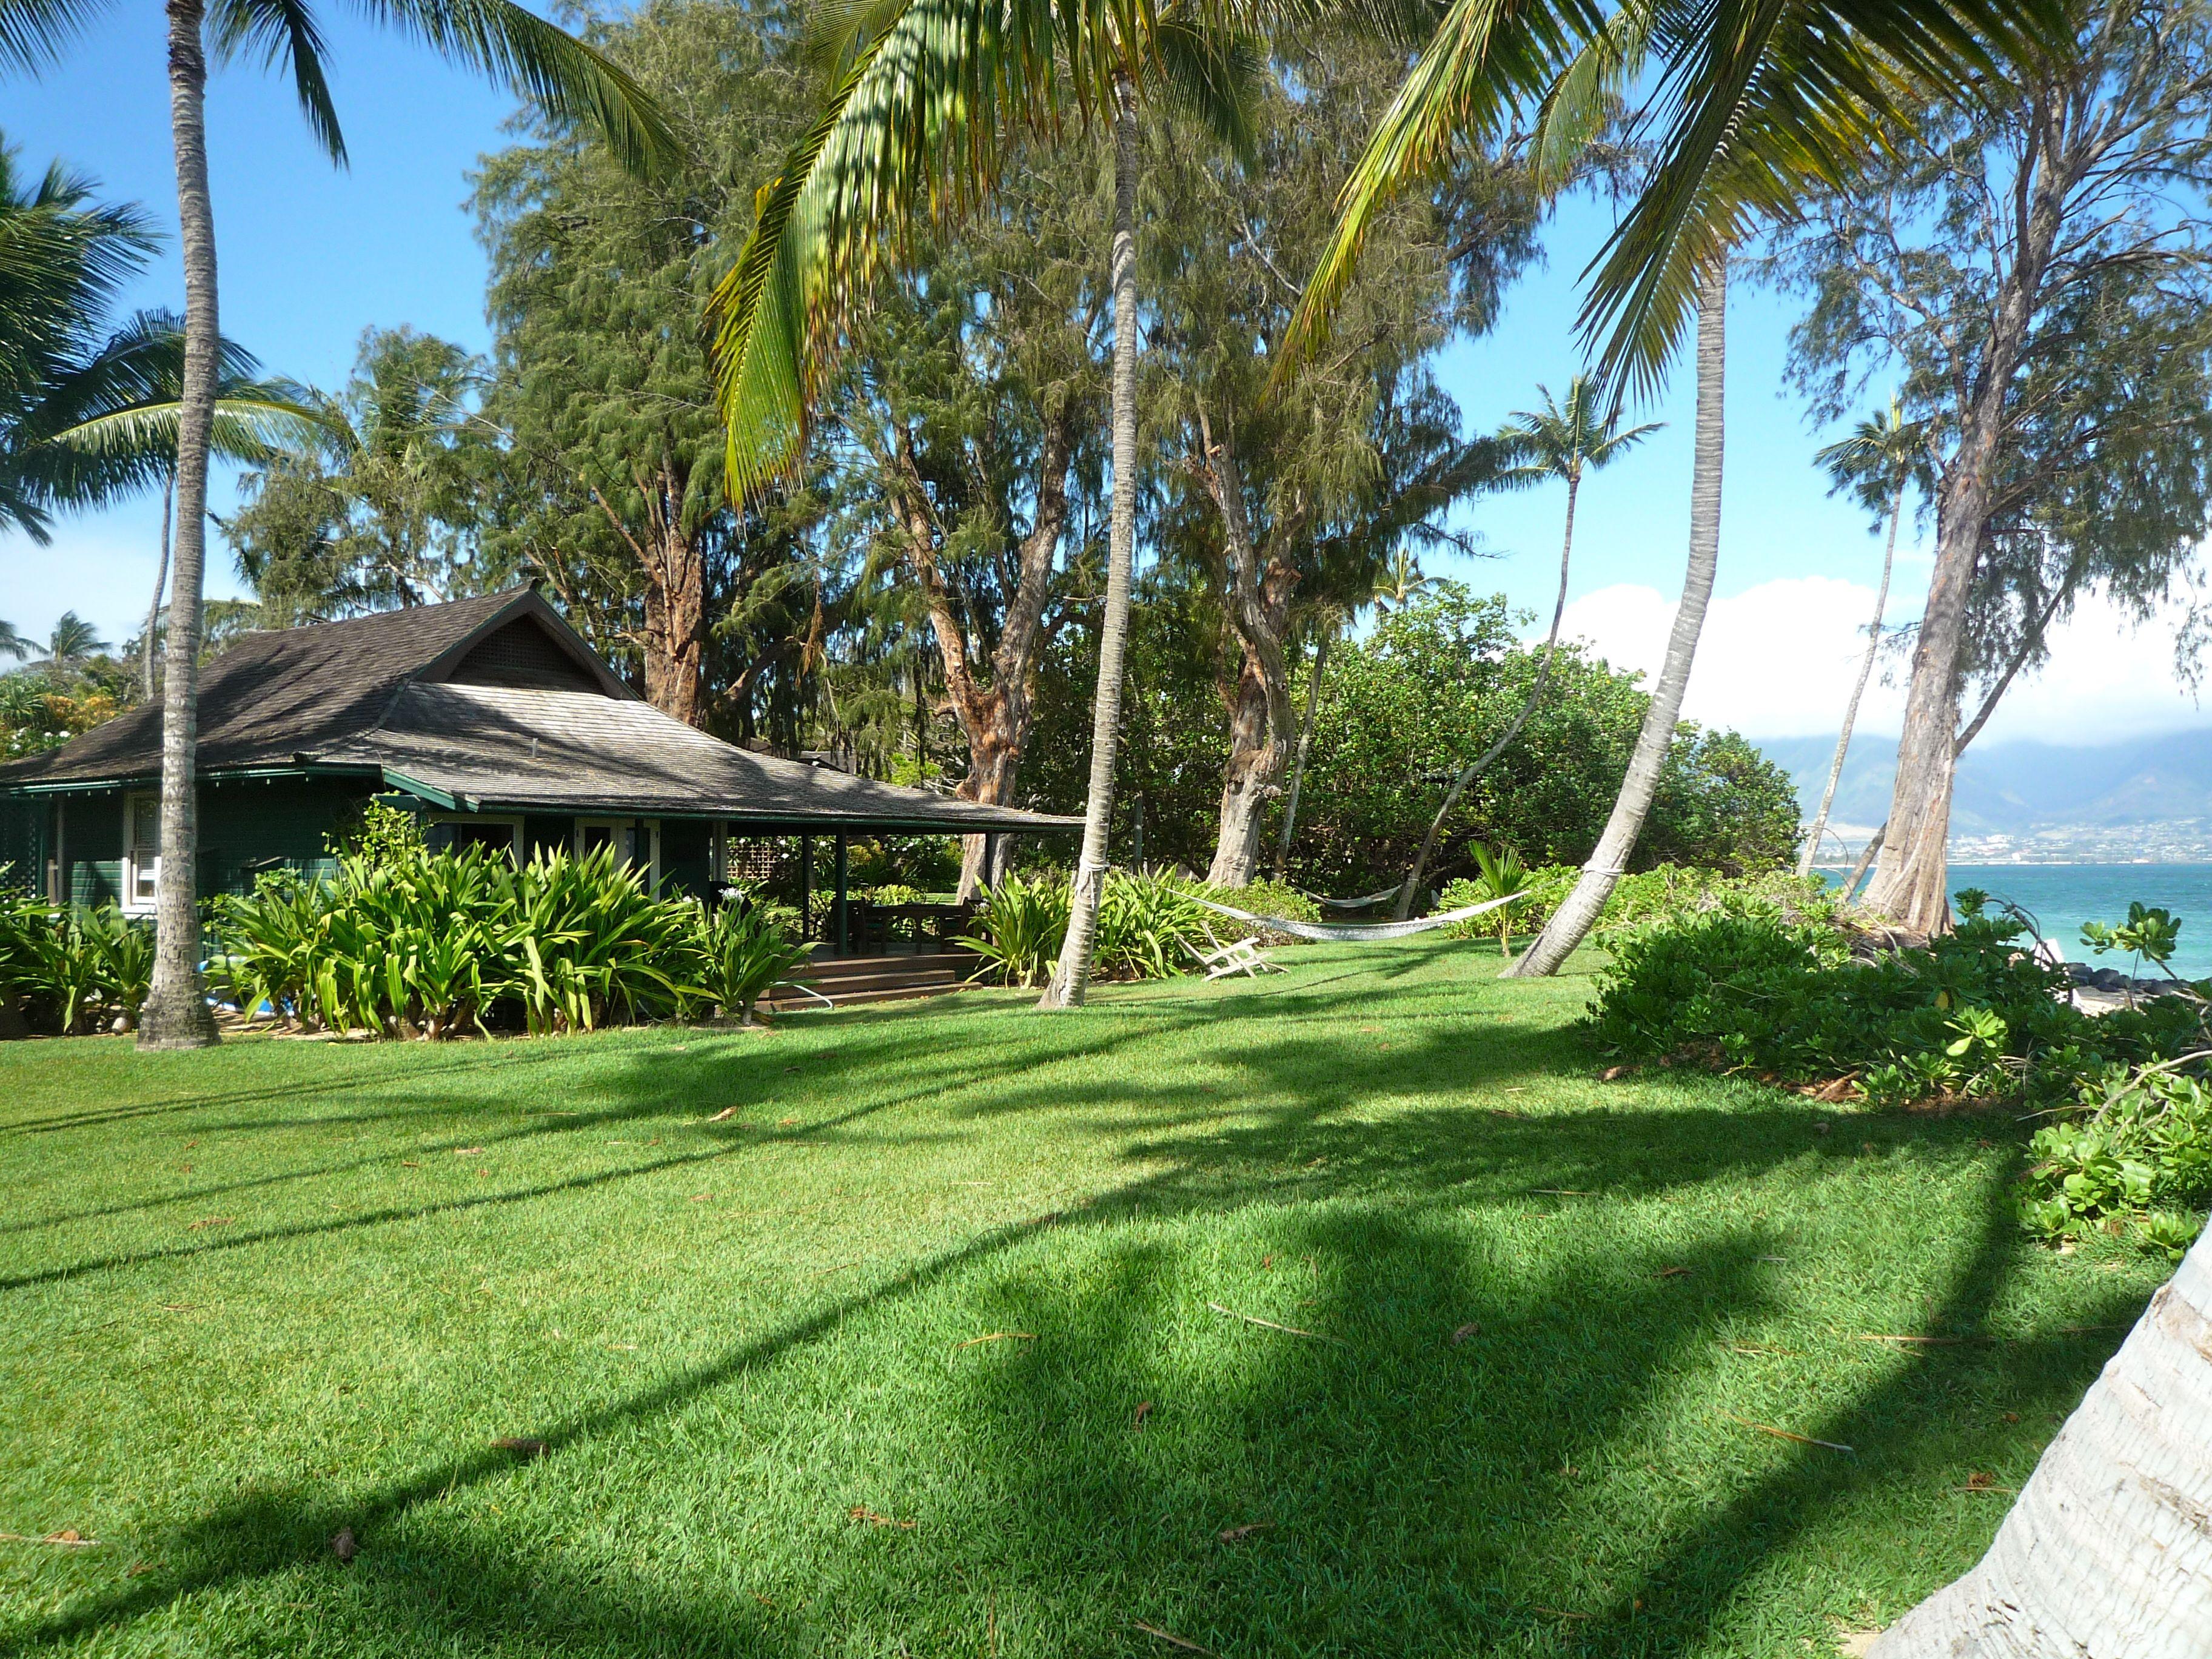 Maui Beach Cabins The Best Beaches In World